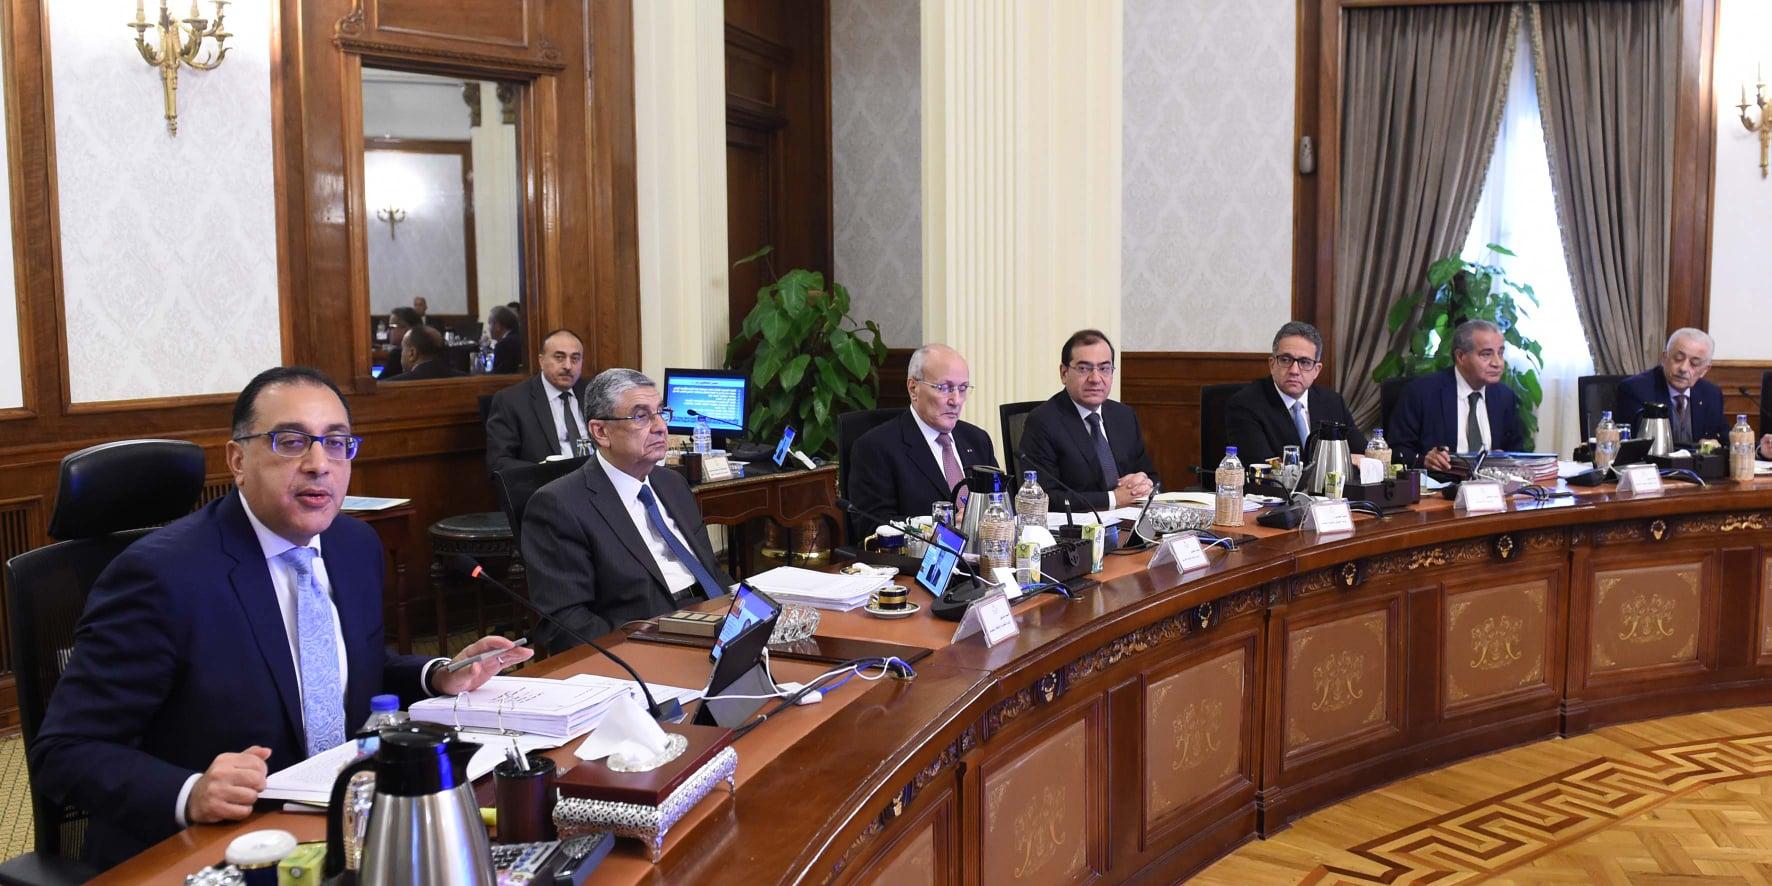 4 حالات تجوز منح الجنسية المصرية للأجانب